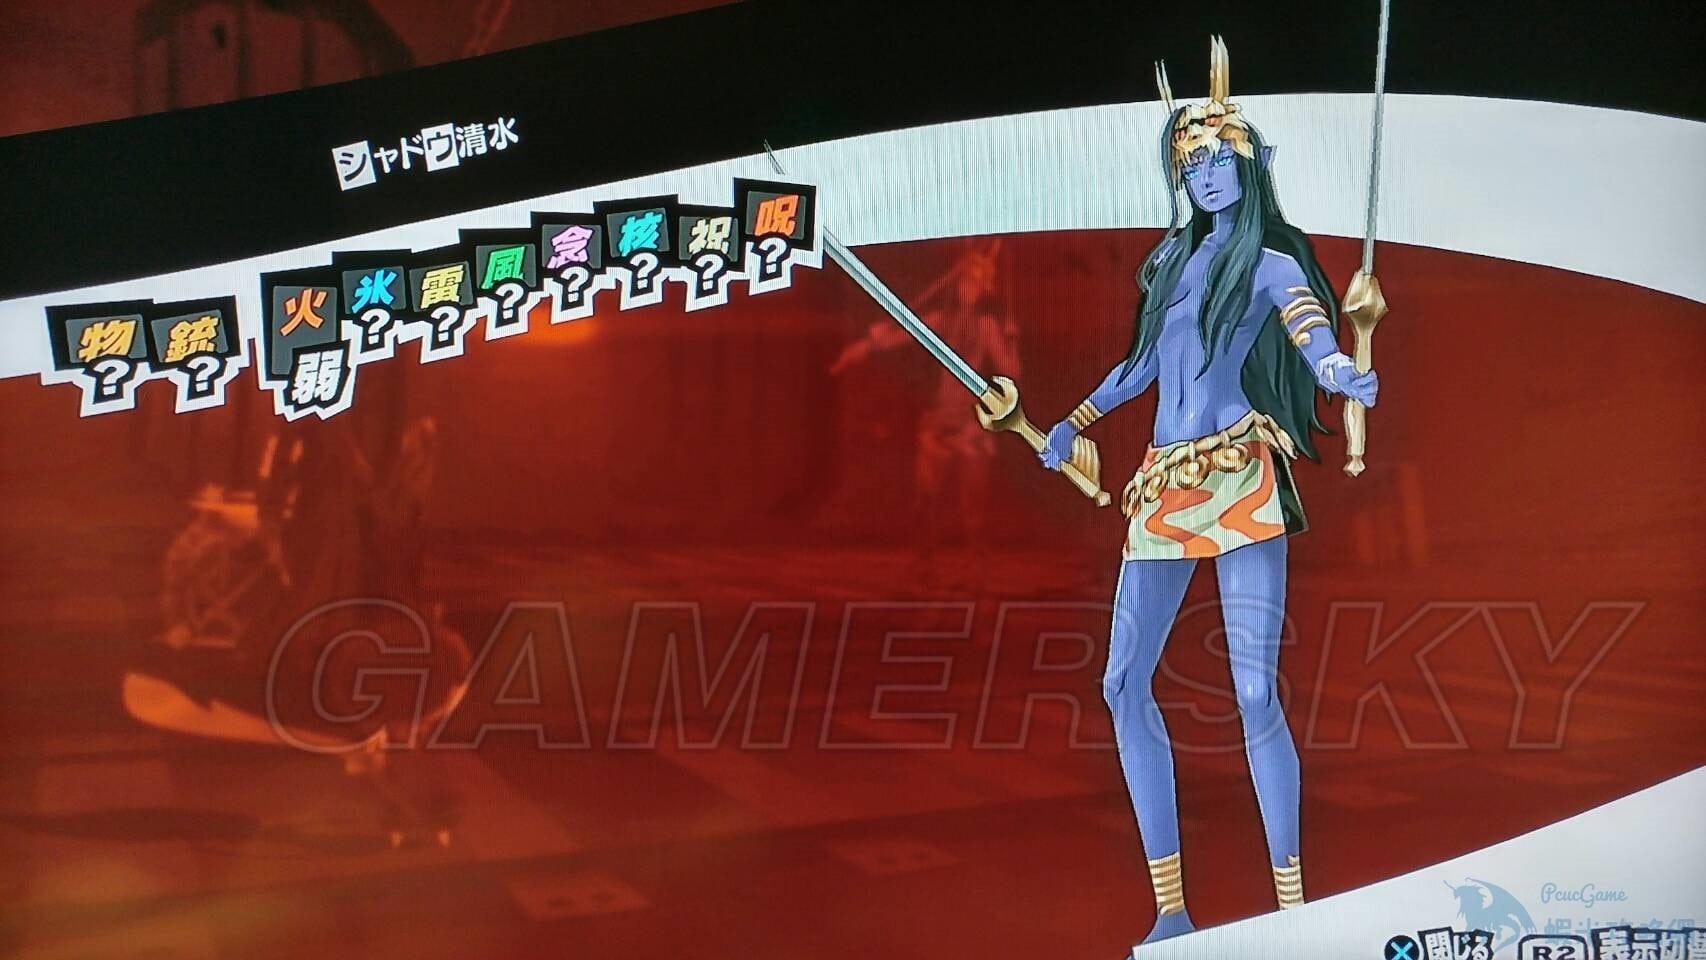 女神異聞錄5 怪物圖鑑 序章地城怪物弱點及說服選項介紹